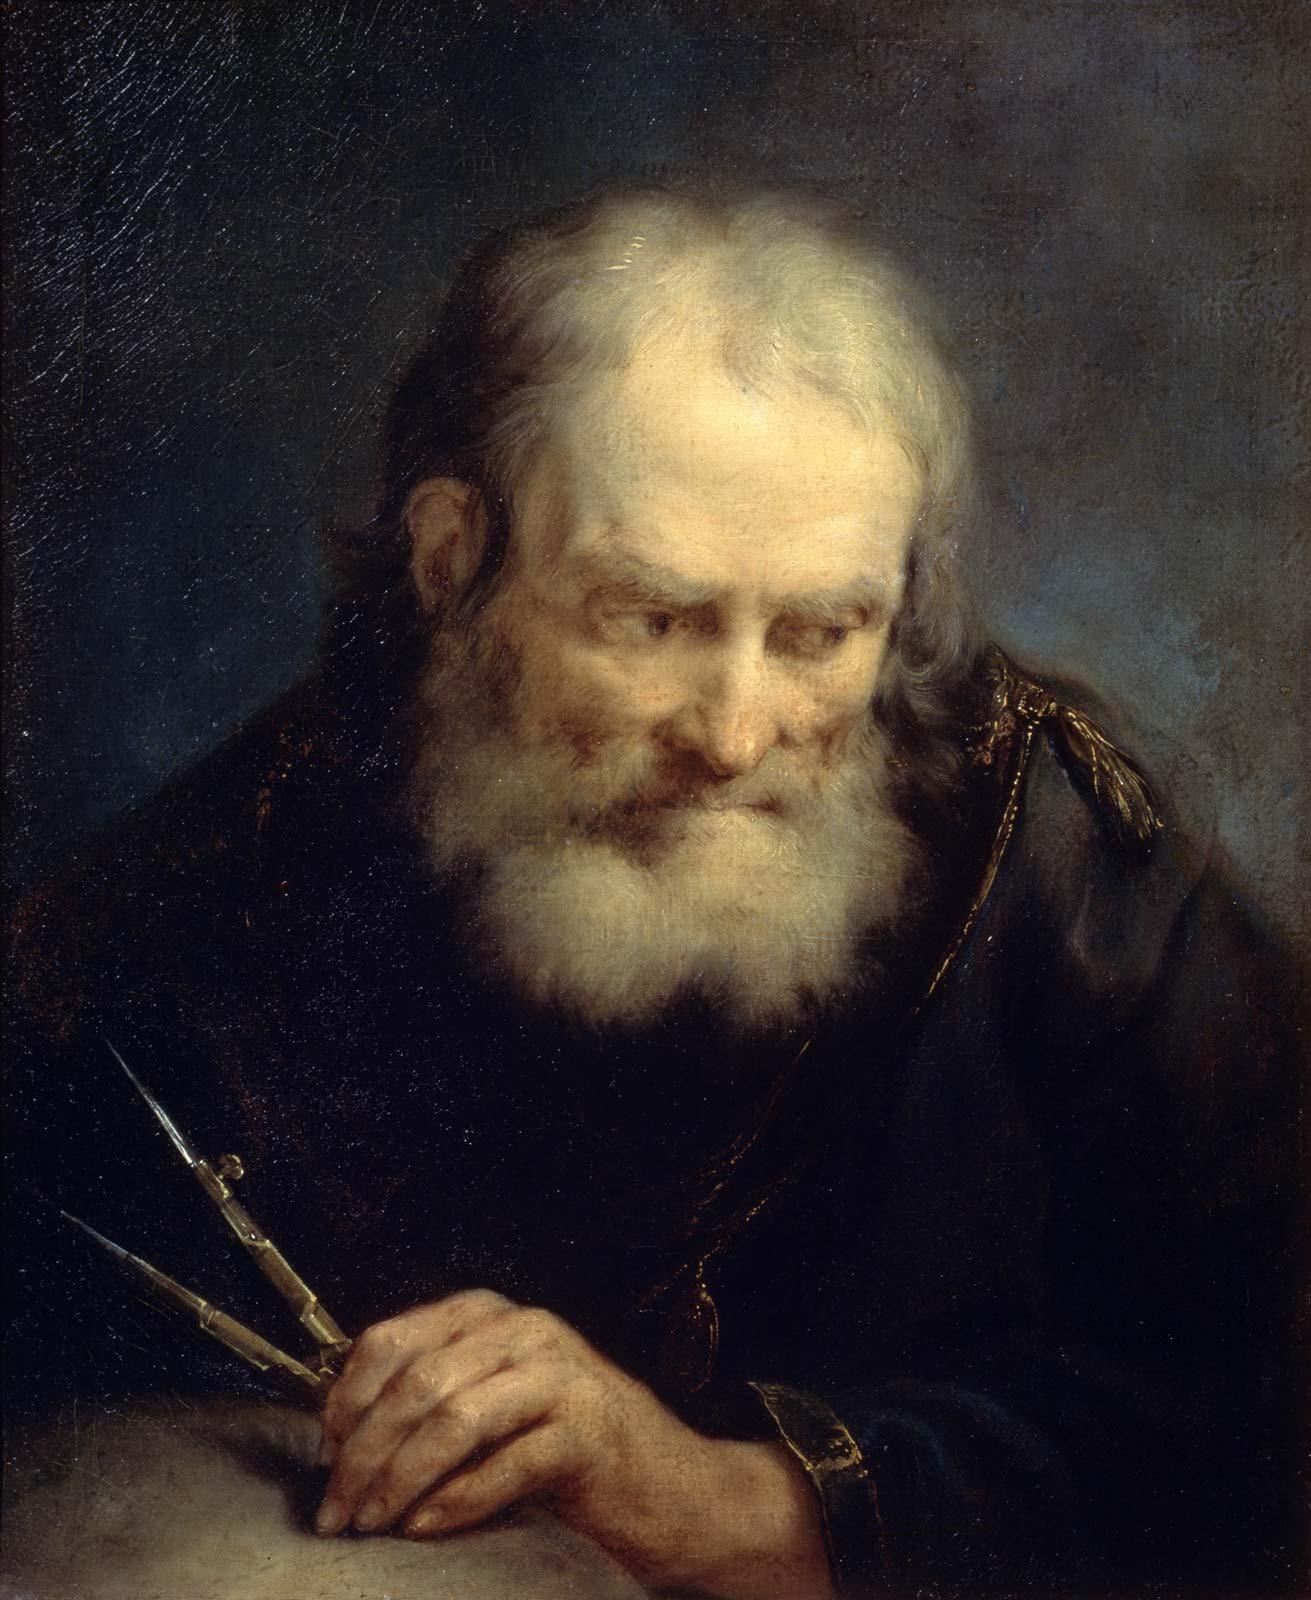 Arquimedes, pioner matemàtic